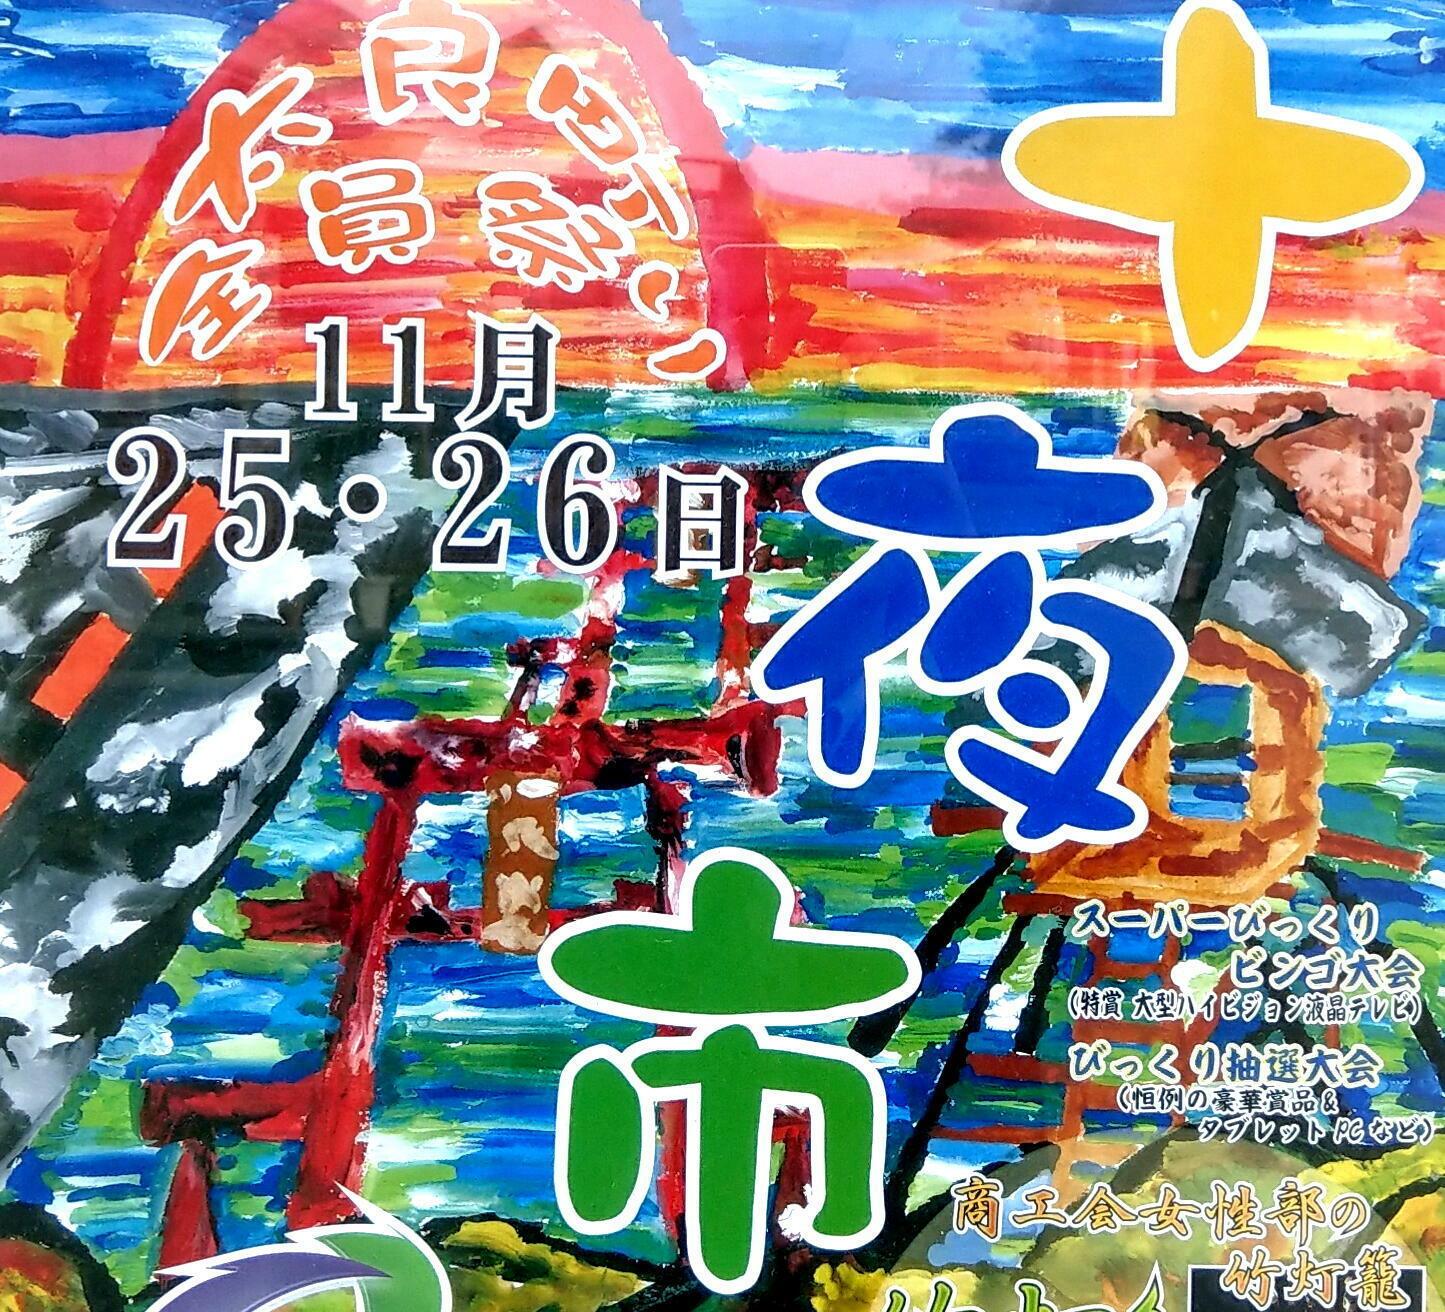 十夜市太良町全員祭りが開催されます。